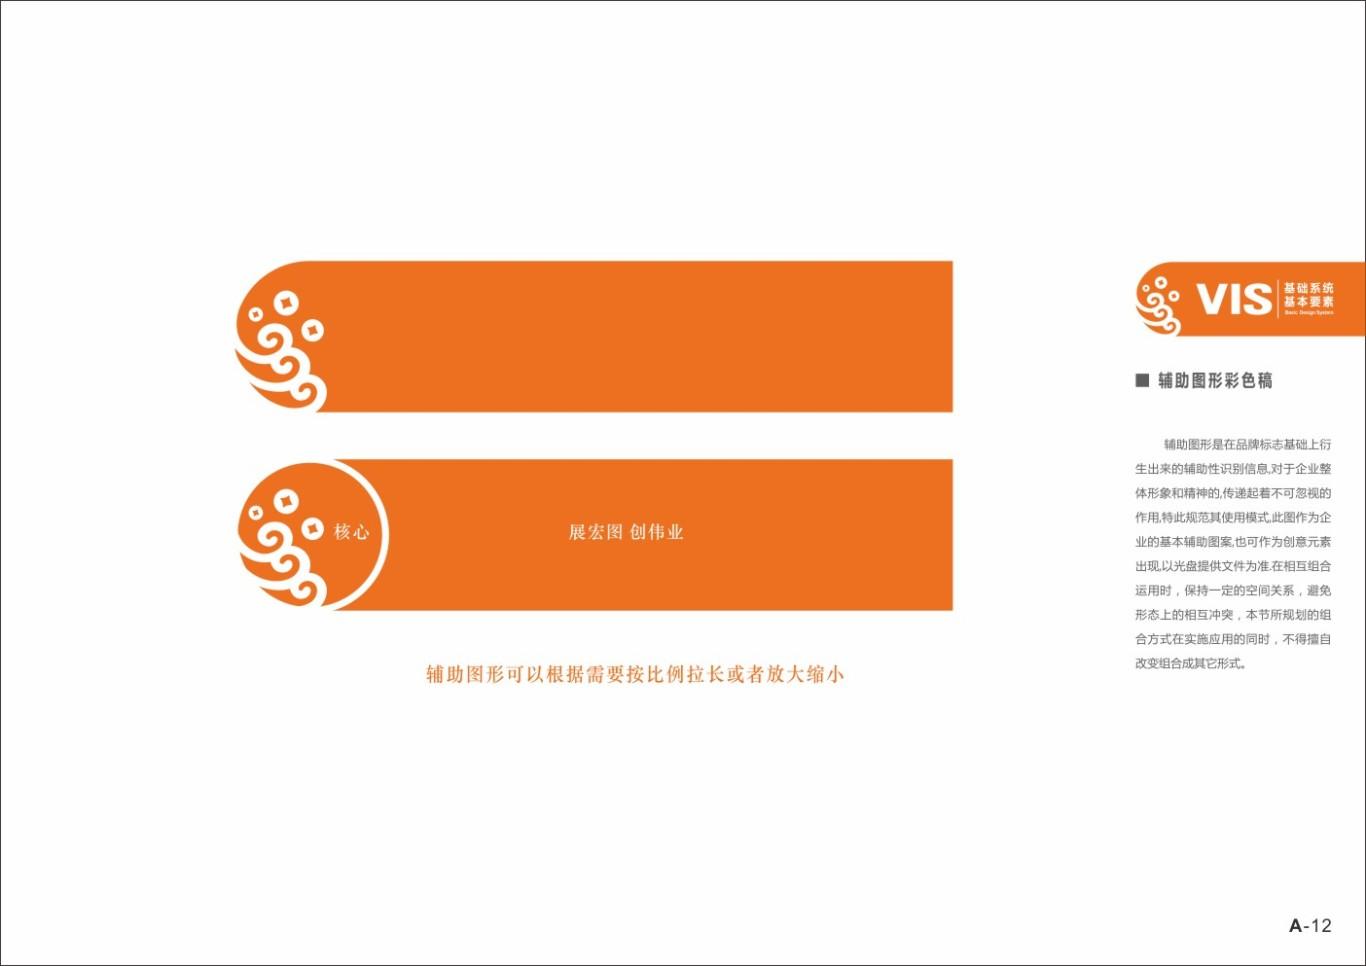 四川广融钱多多品牌及VI形象设计图12